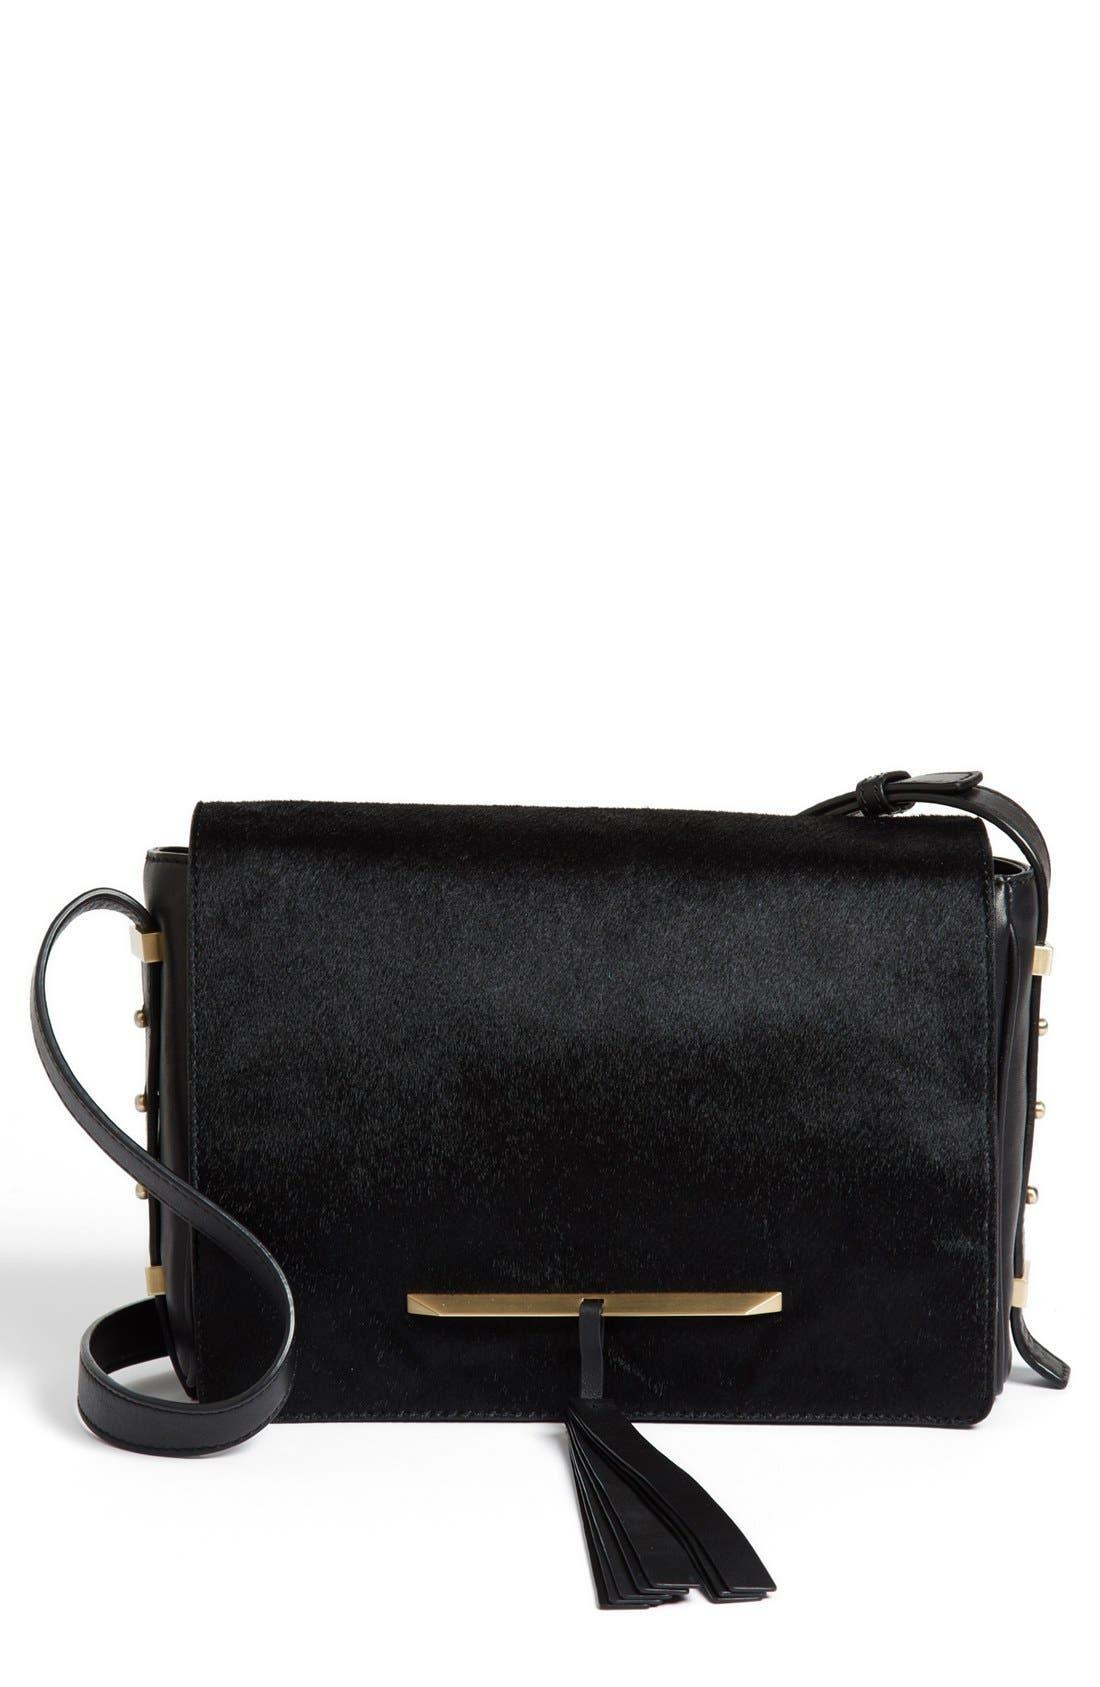 Main Image - B Brian Atwood 'Brigitte' Calf Hair Crossbody Bag, Small